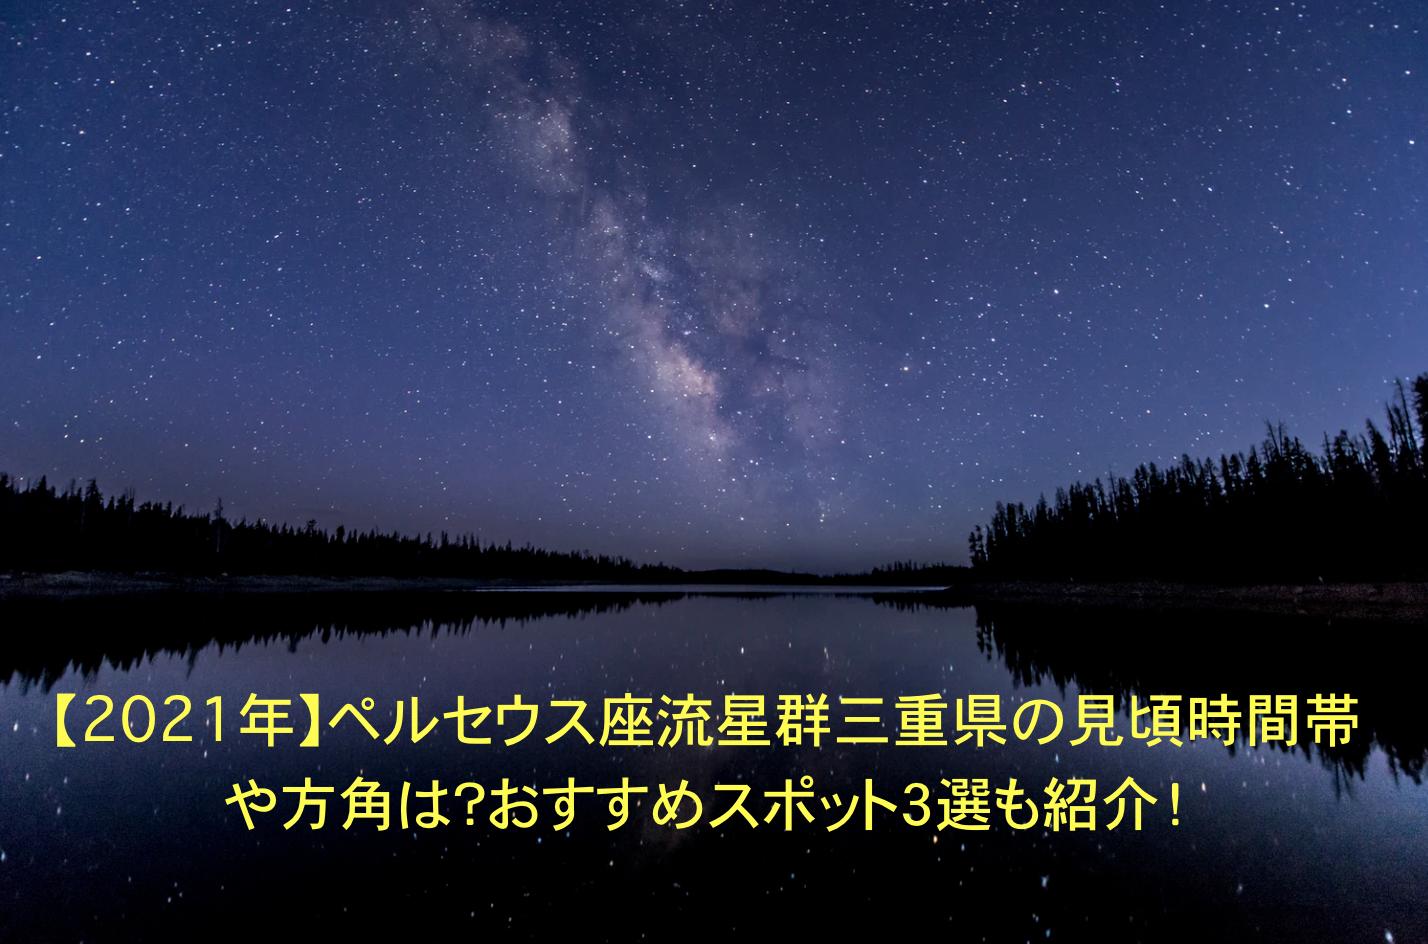 ペルセウス座流星群 三重県 見頃 時間帯 方角 オススメスポット